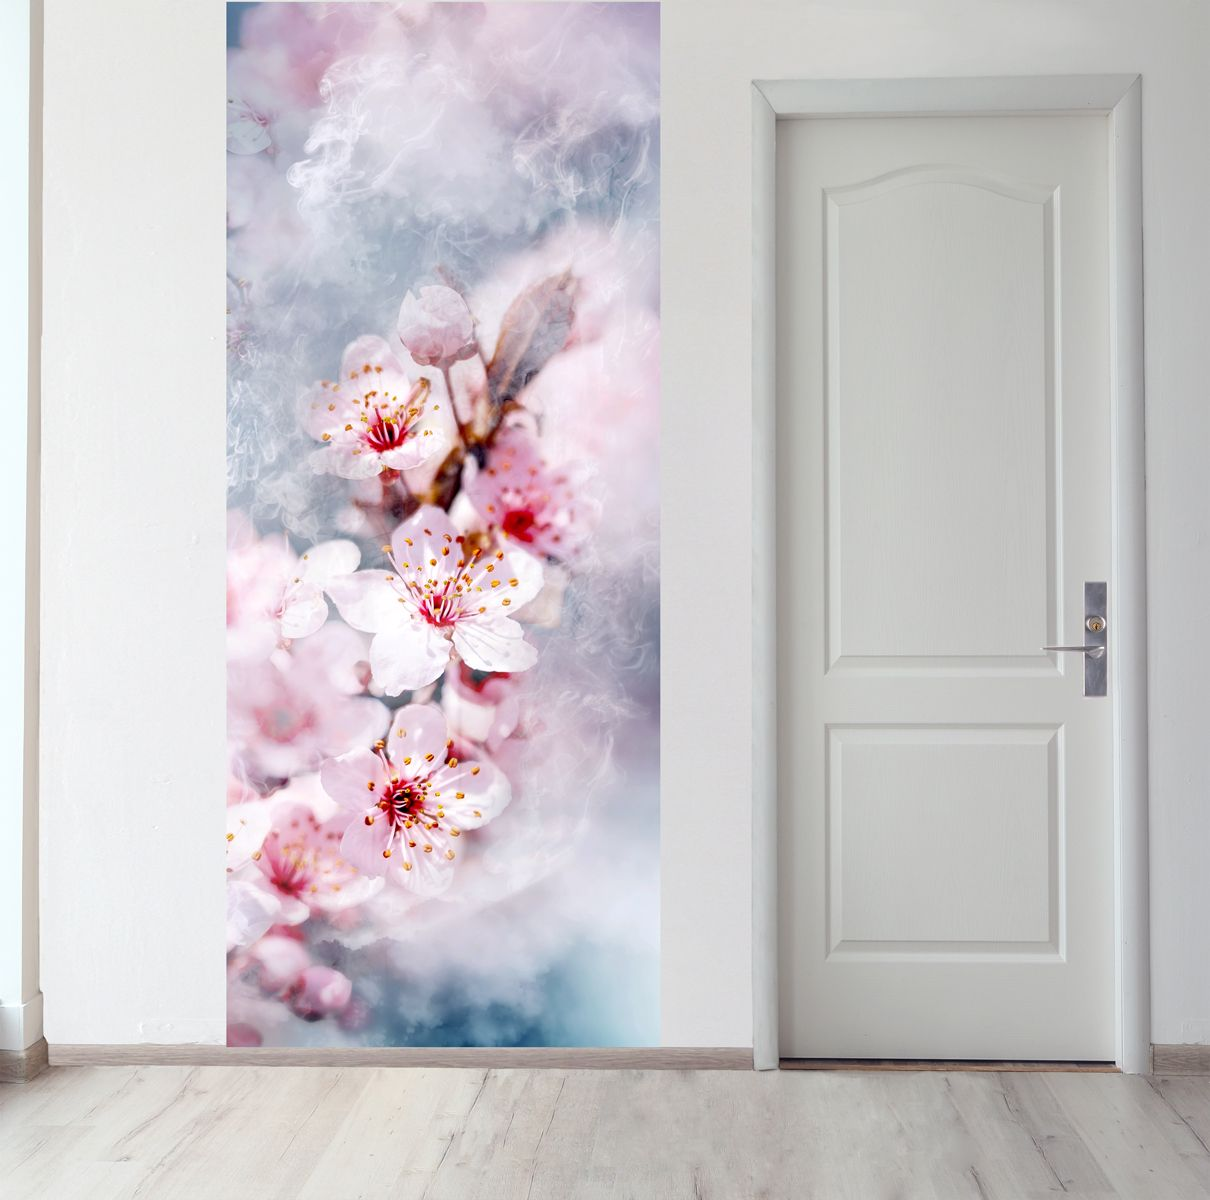 Панно на стену - Воздух пропитан нежностью магазин Интерьерные наклейки